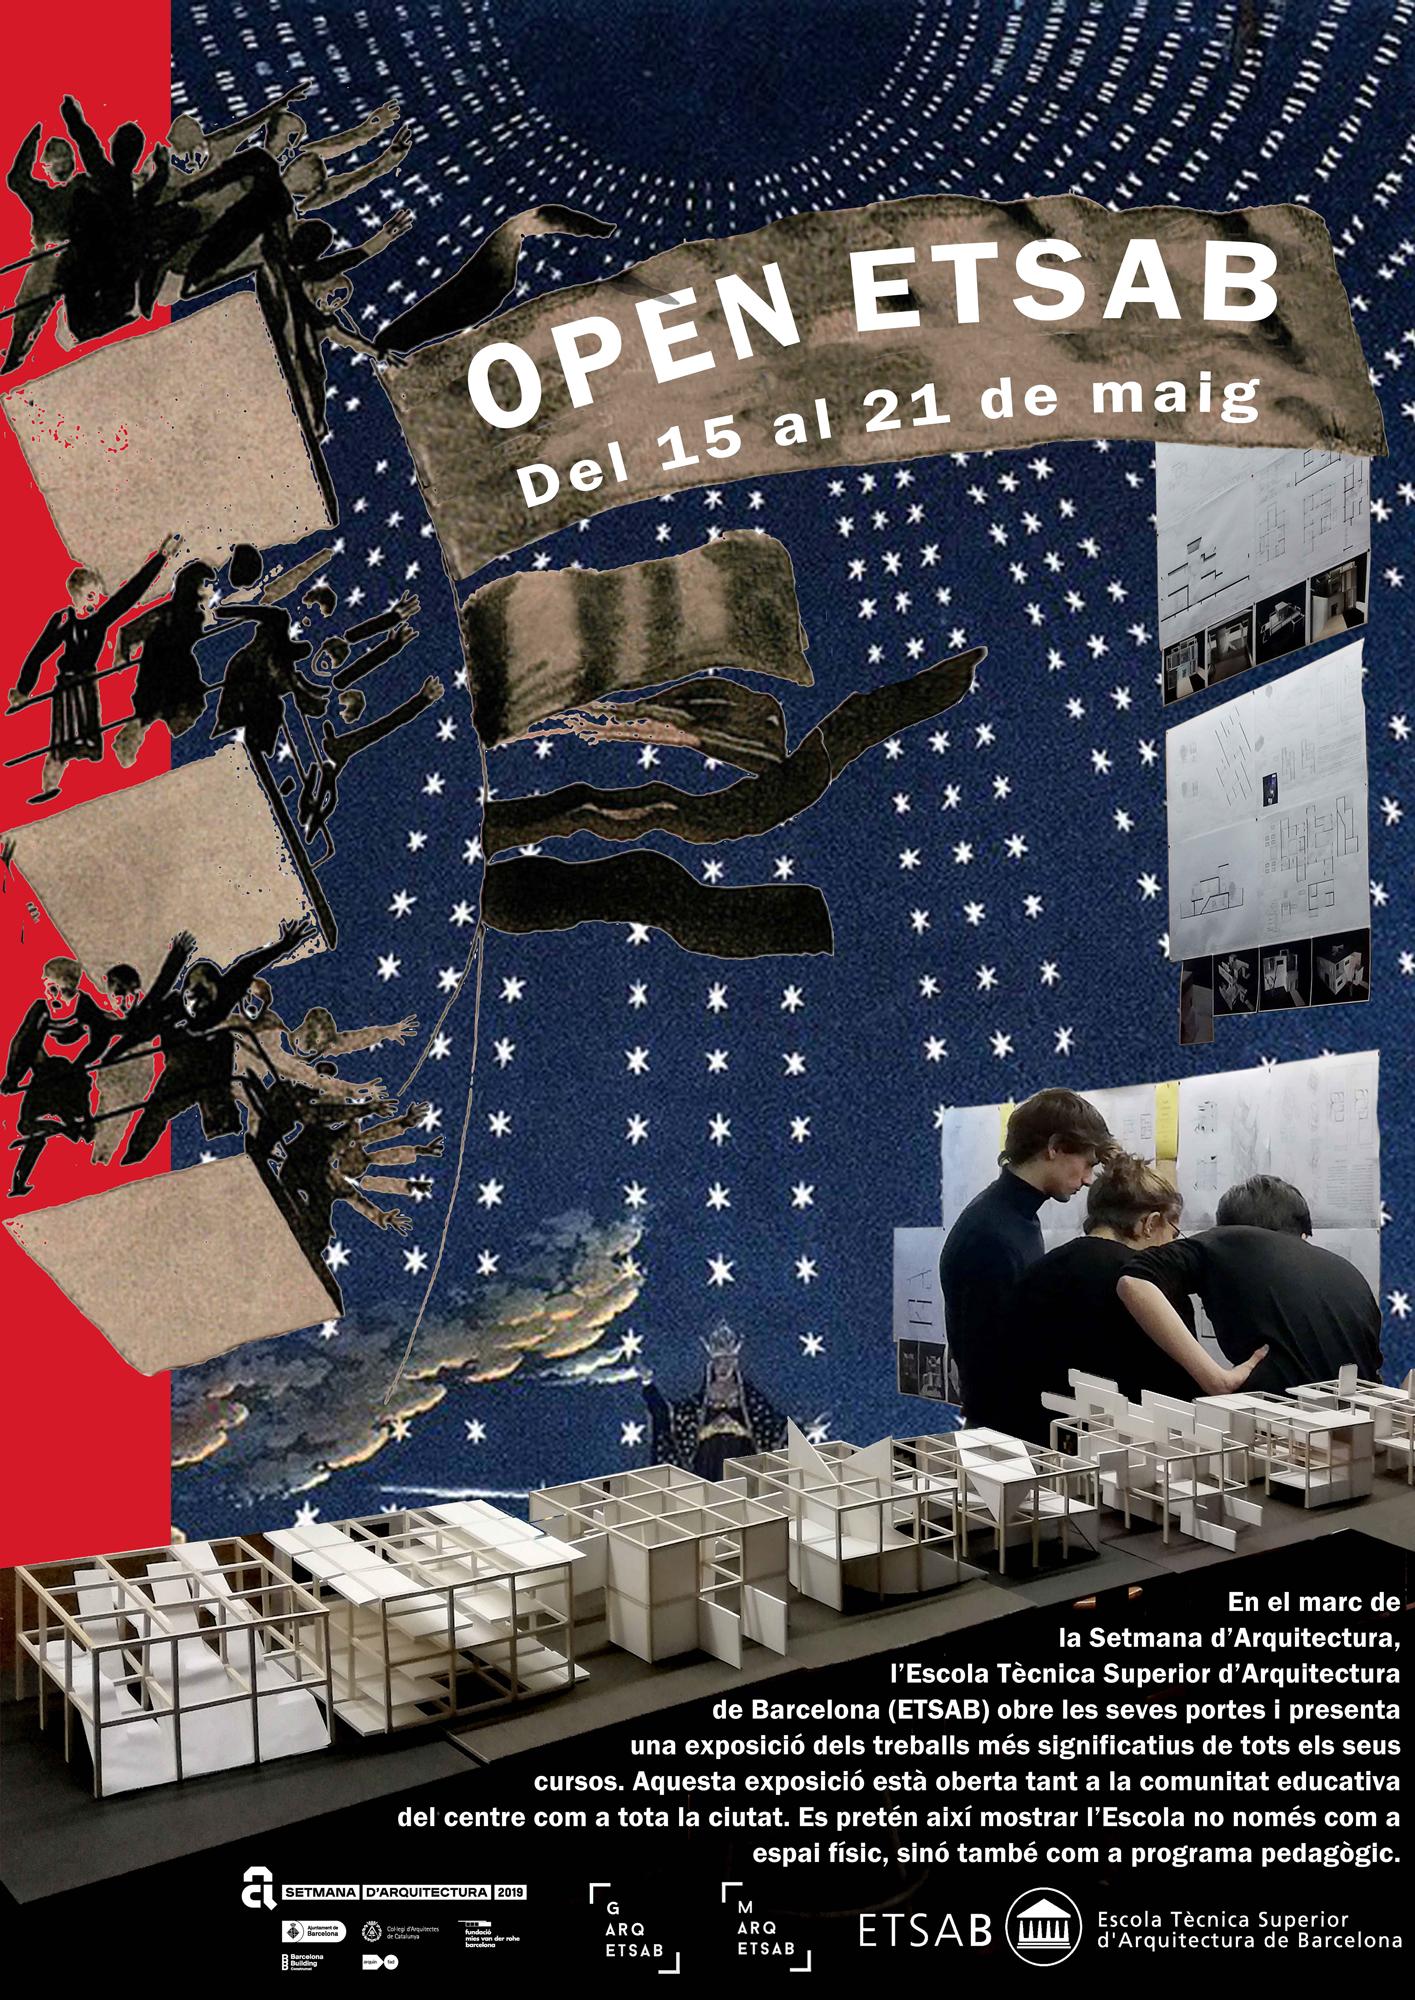 open etsab - web.jpg